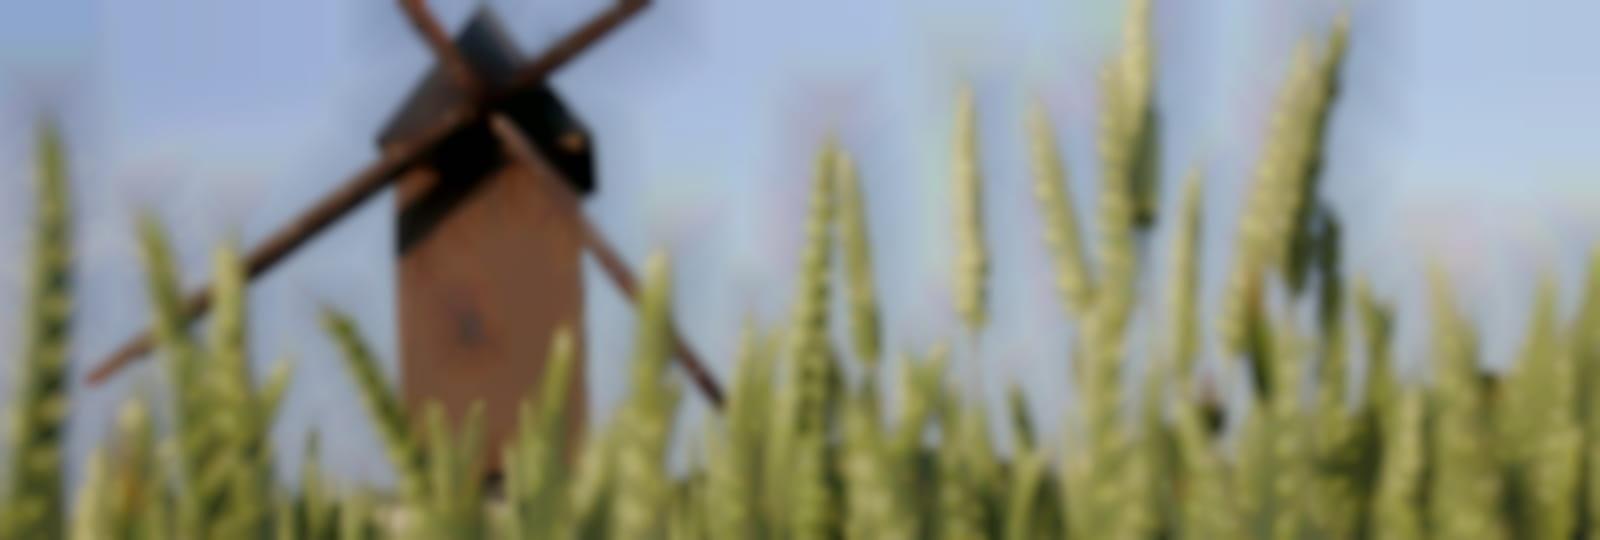 Moulin à vent du Paradis - Sancheville